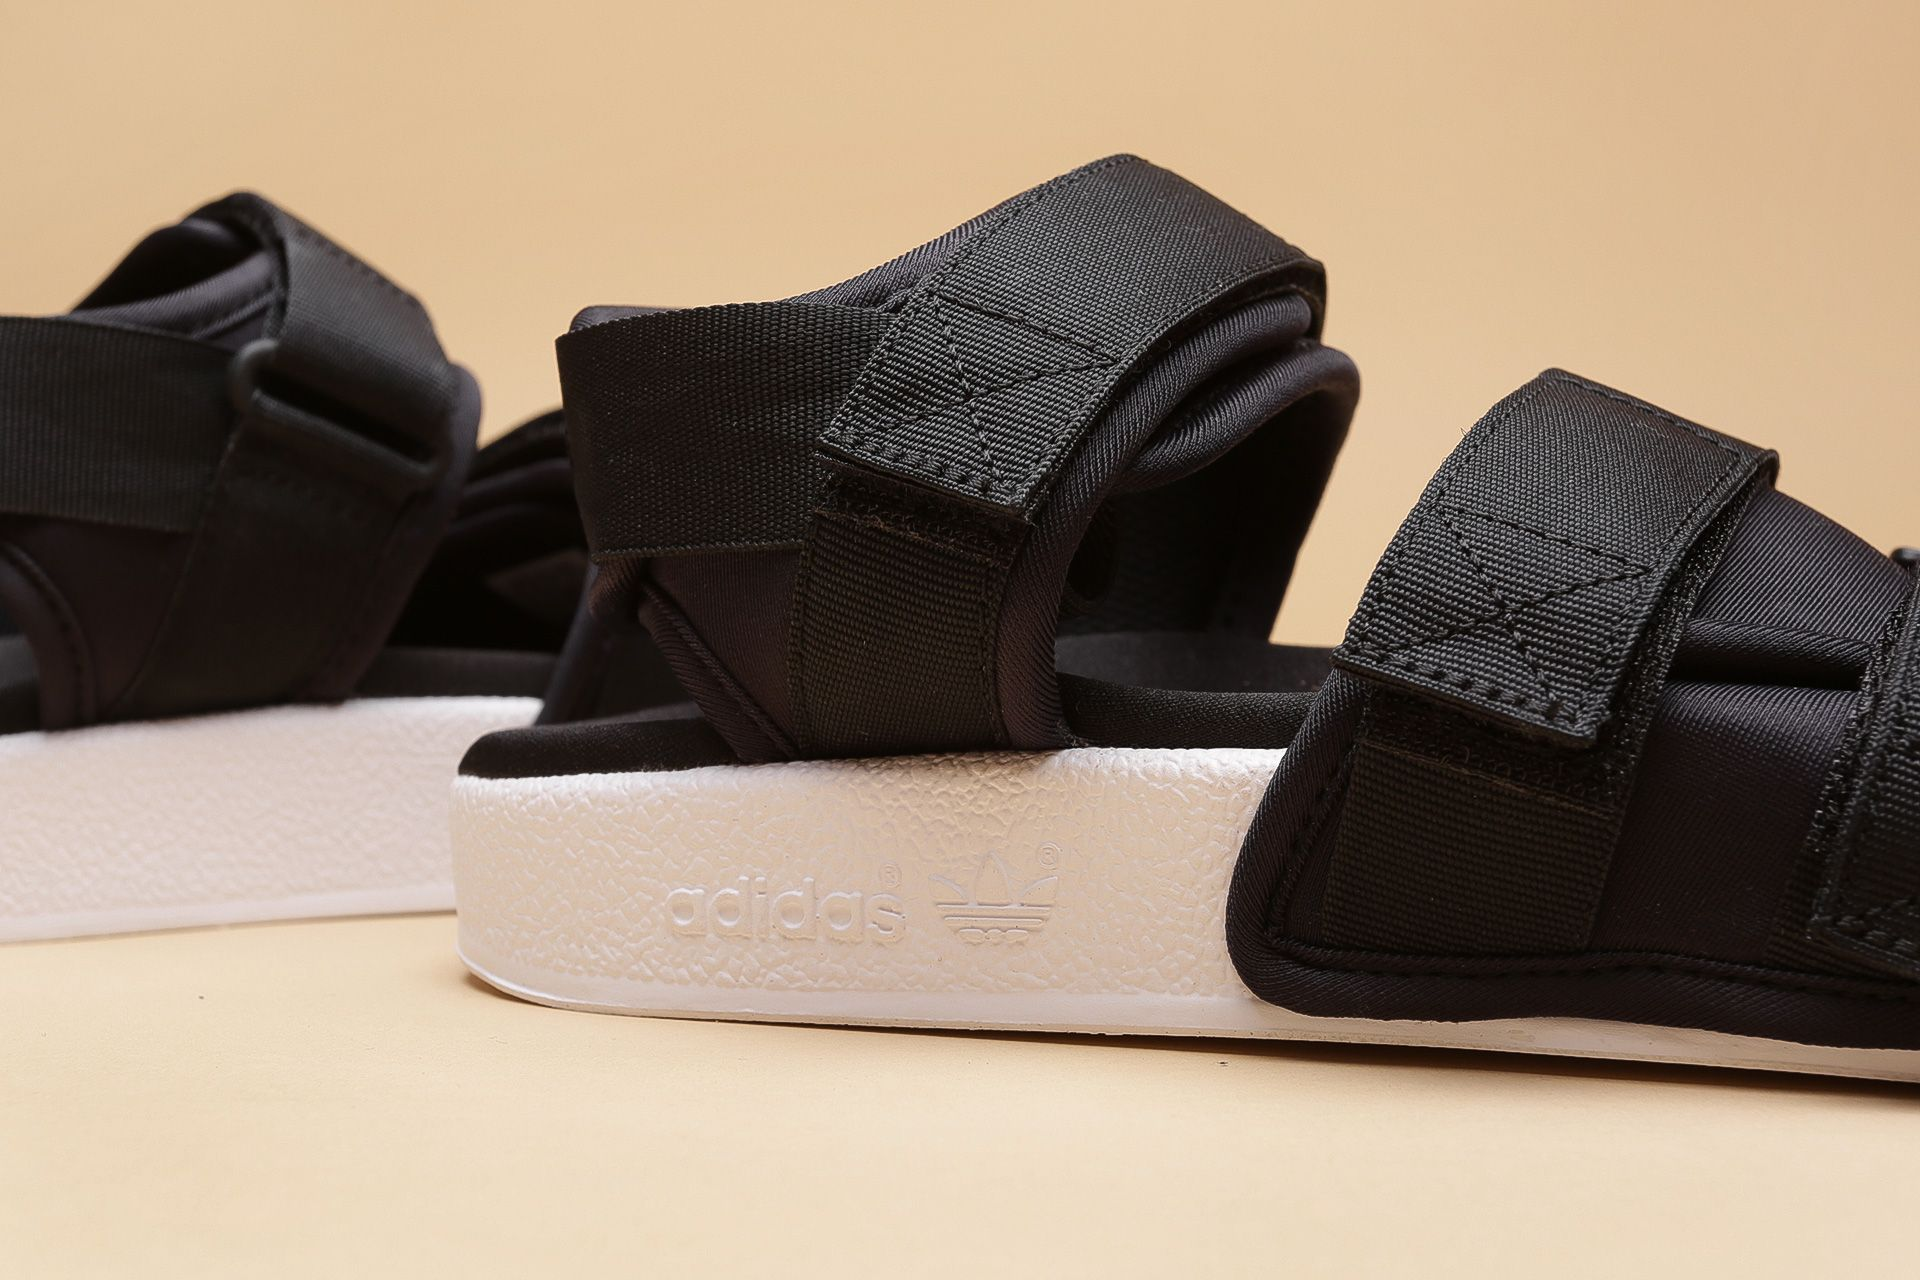 10c2d7e9f ... Купить женские черные сандали adidas Originals Adilette Sandal W - фото  4 картинки ...